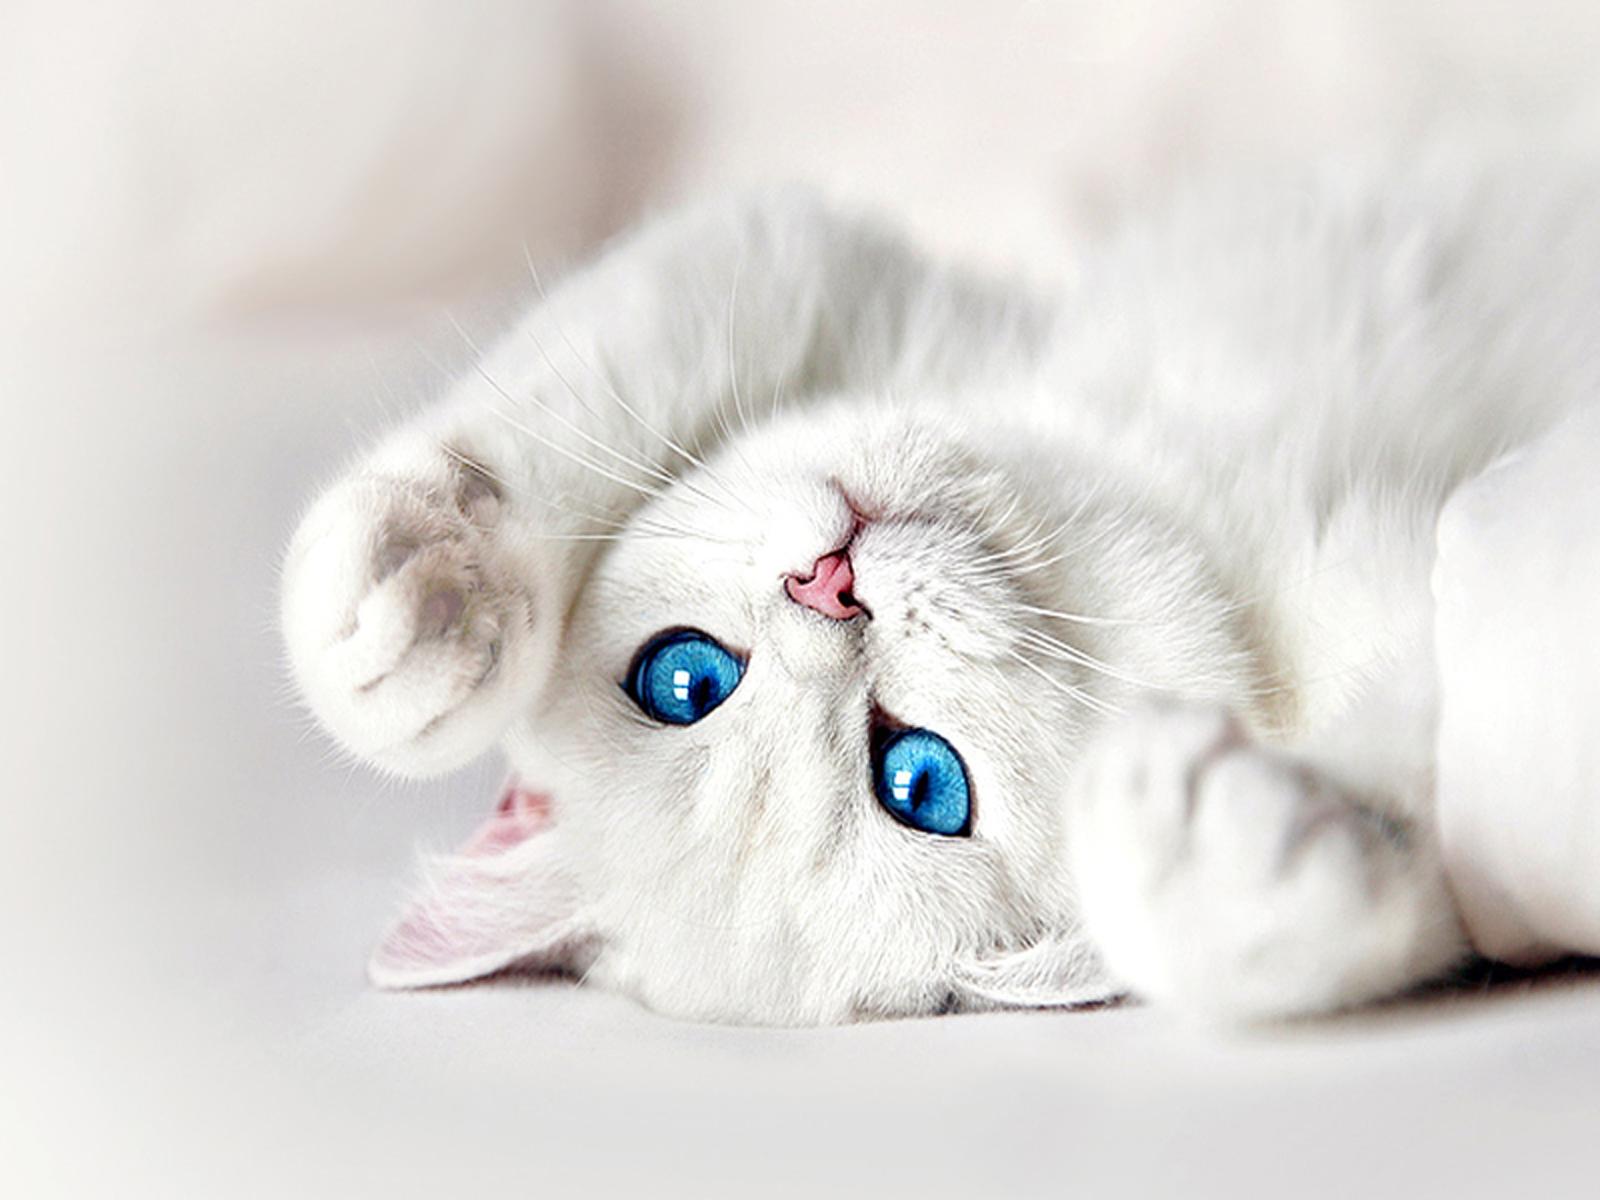 White Kitten With Blue Eyes Wallpaper White Cats White Kittens Cat With Blue Eyes